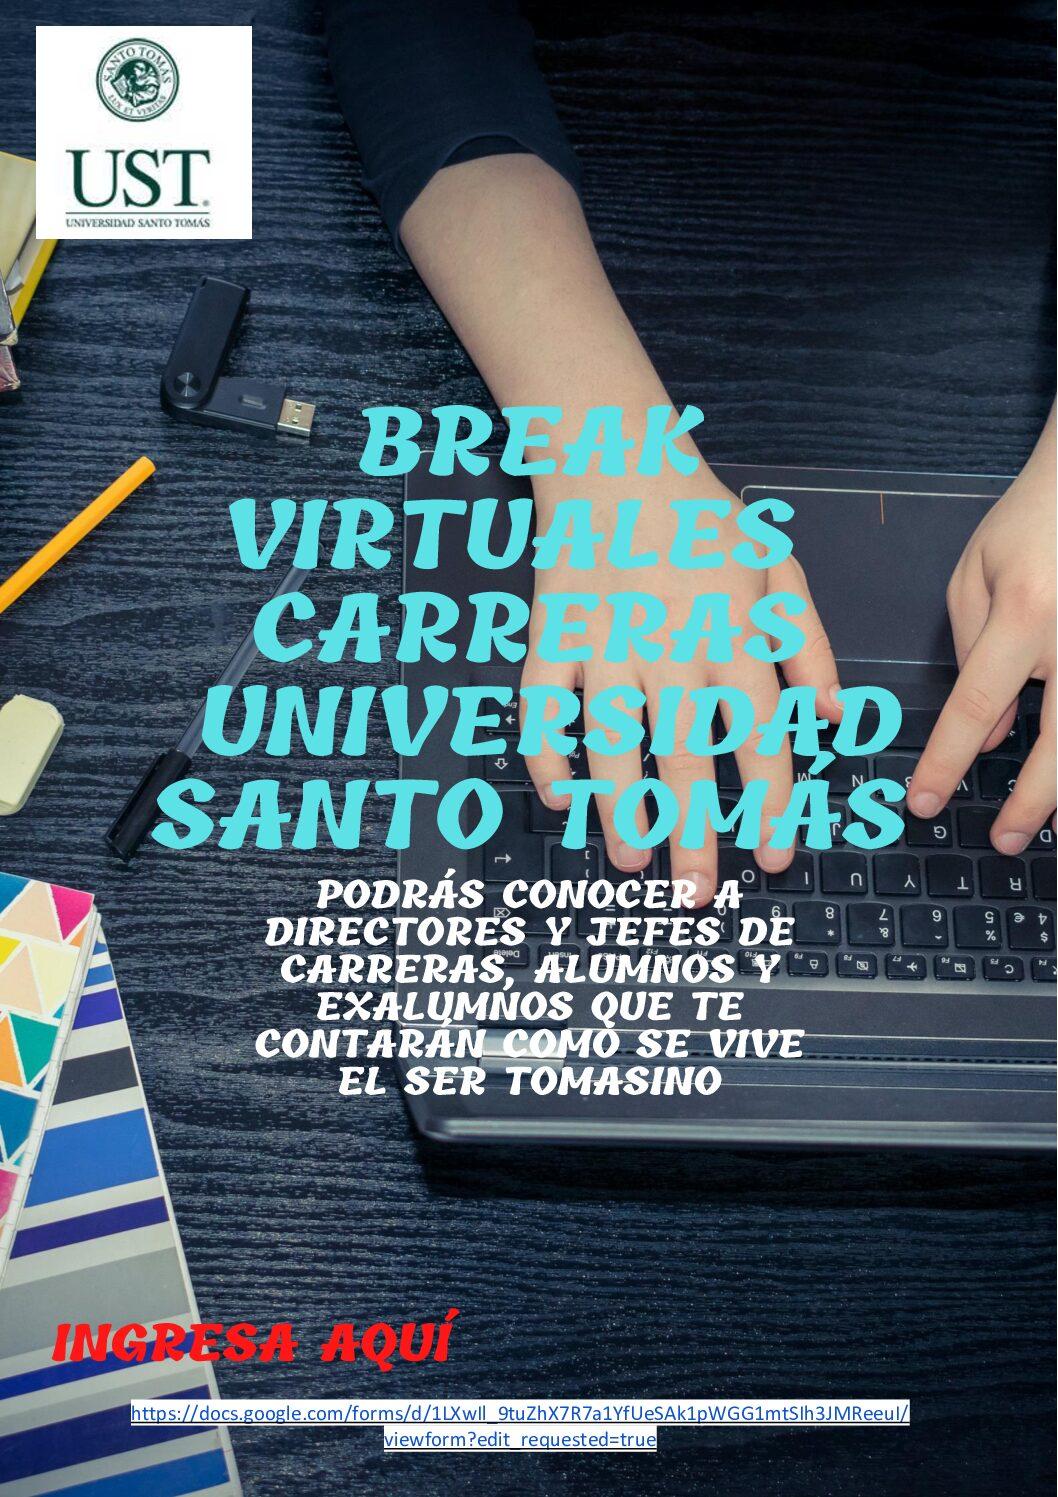 BREAK VIRTUALES CARRERAS - Universidad Santo Tomás